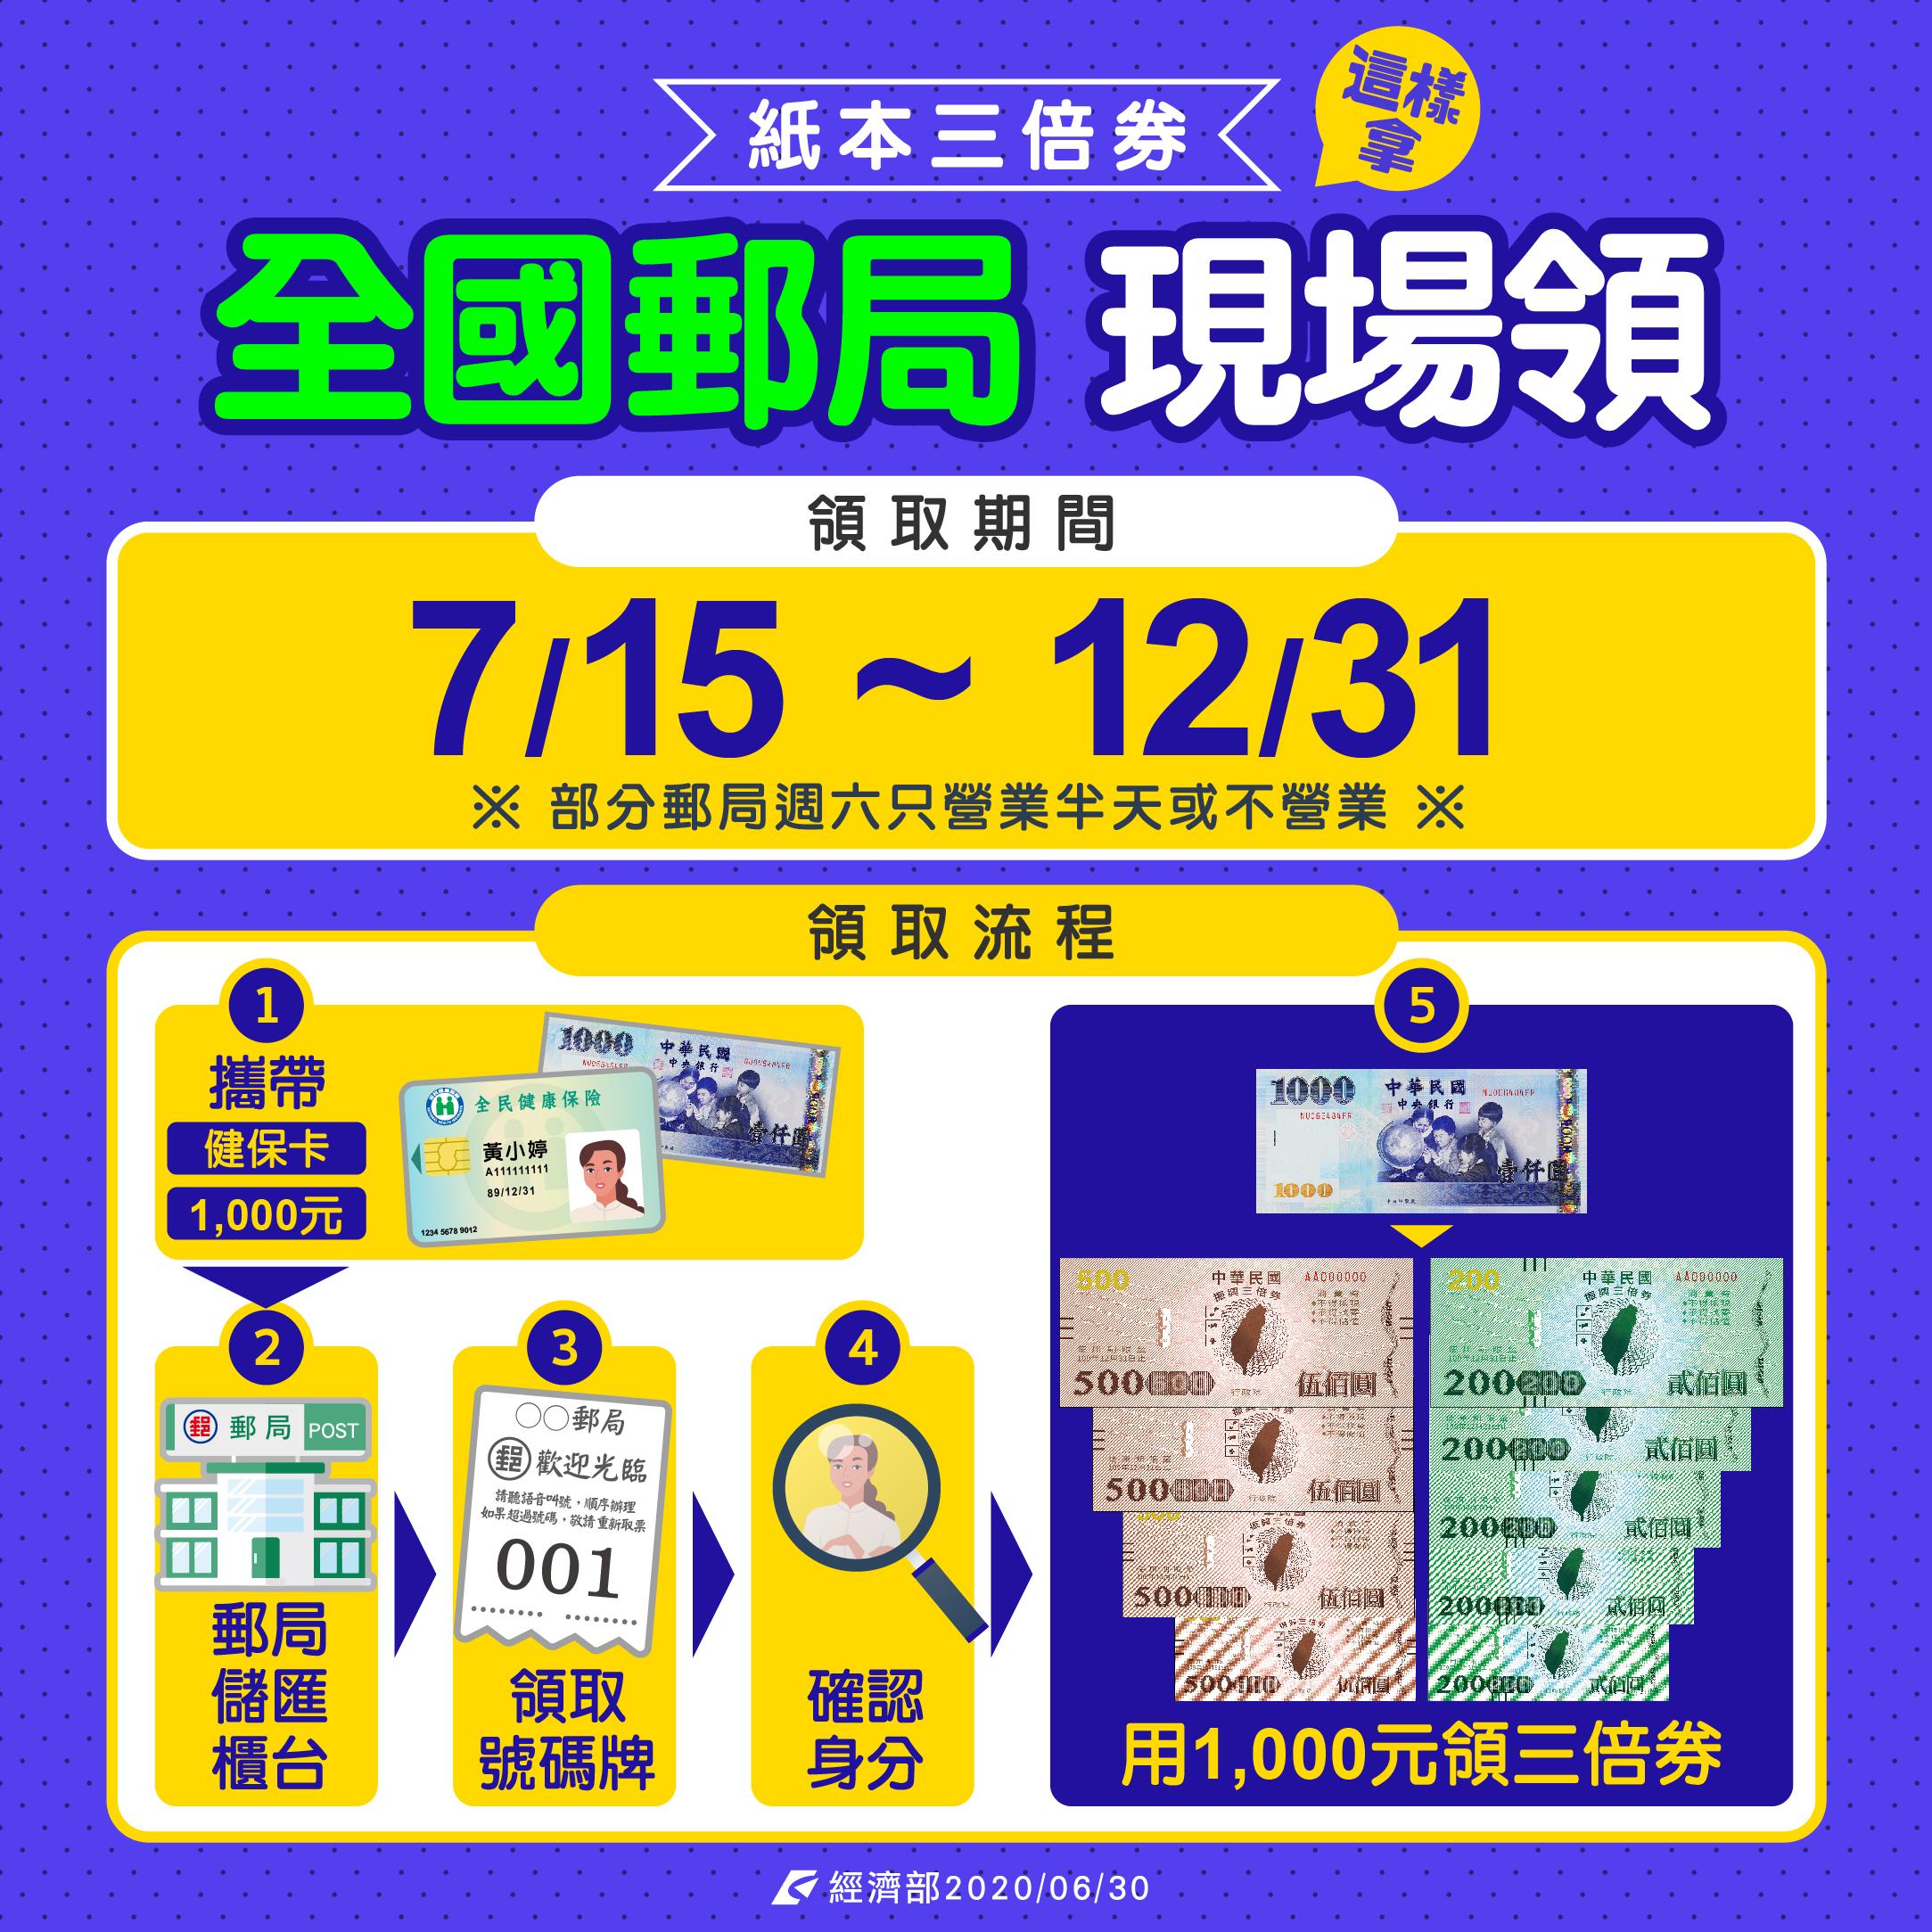 紙本三倍券則請於7/15-12/31間攜帶健保卡和現金至全國各郵局現場領取(部分郵局周六營業半天或不營業)。